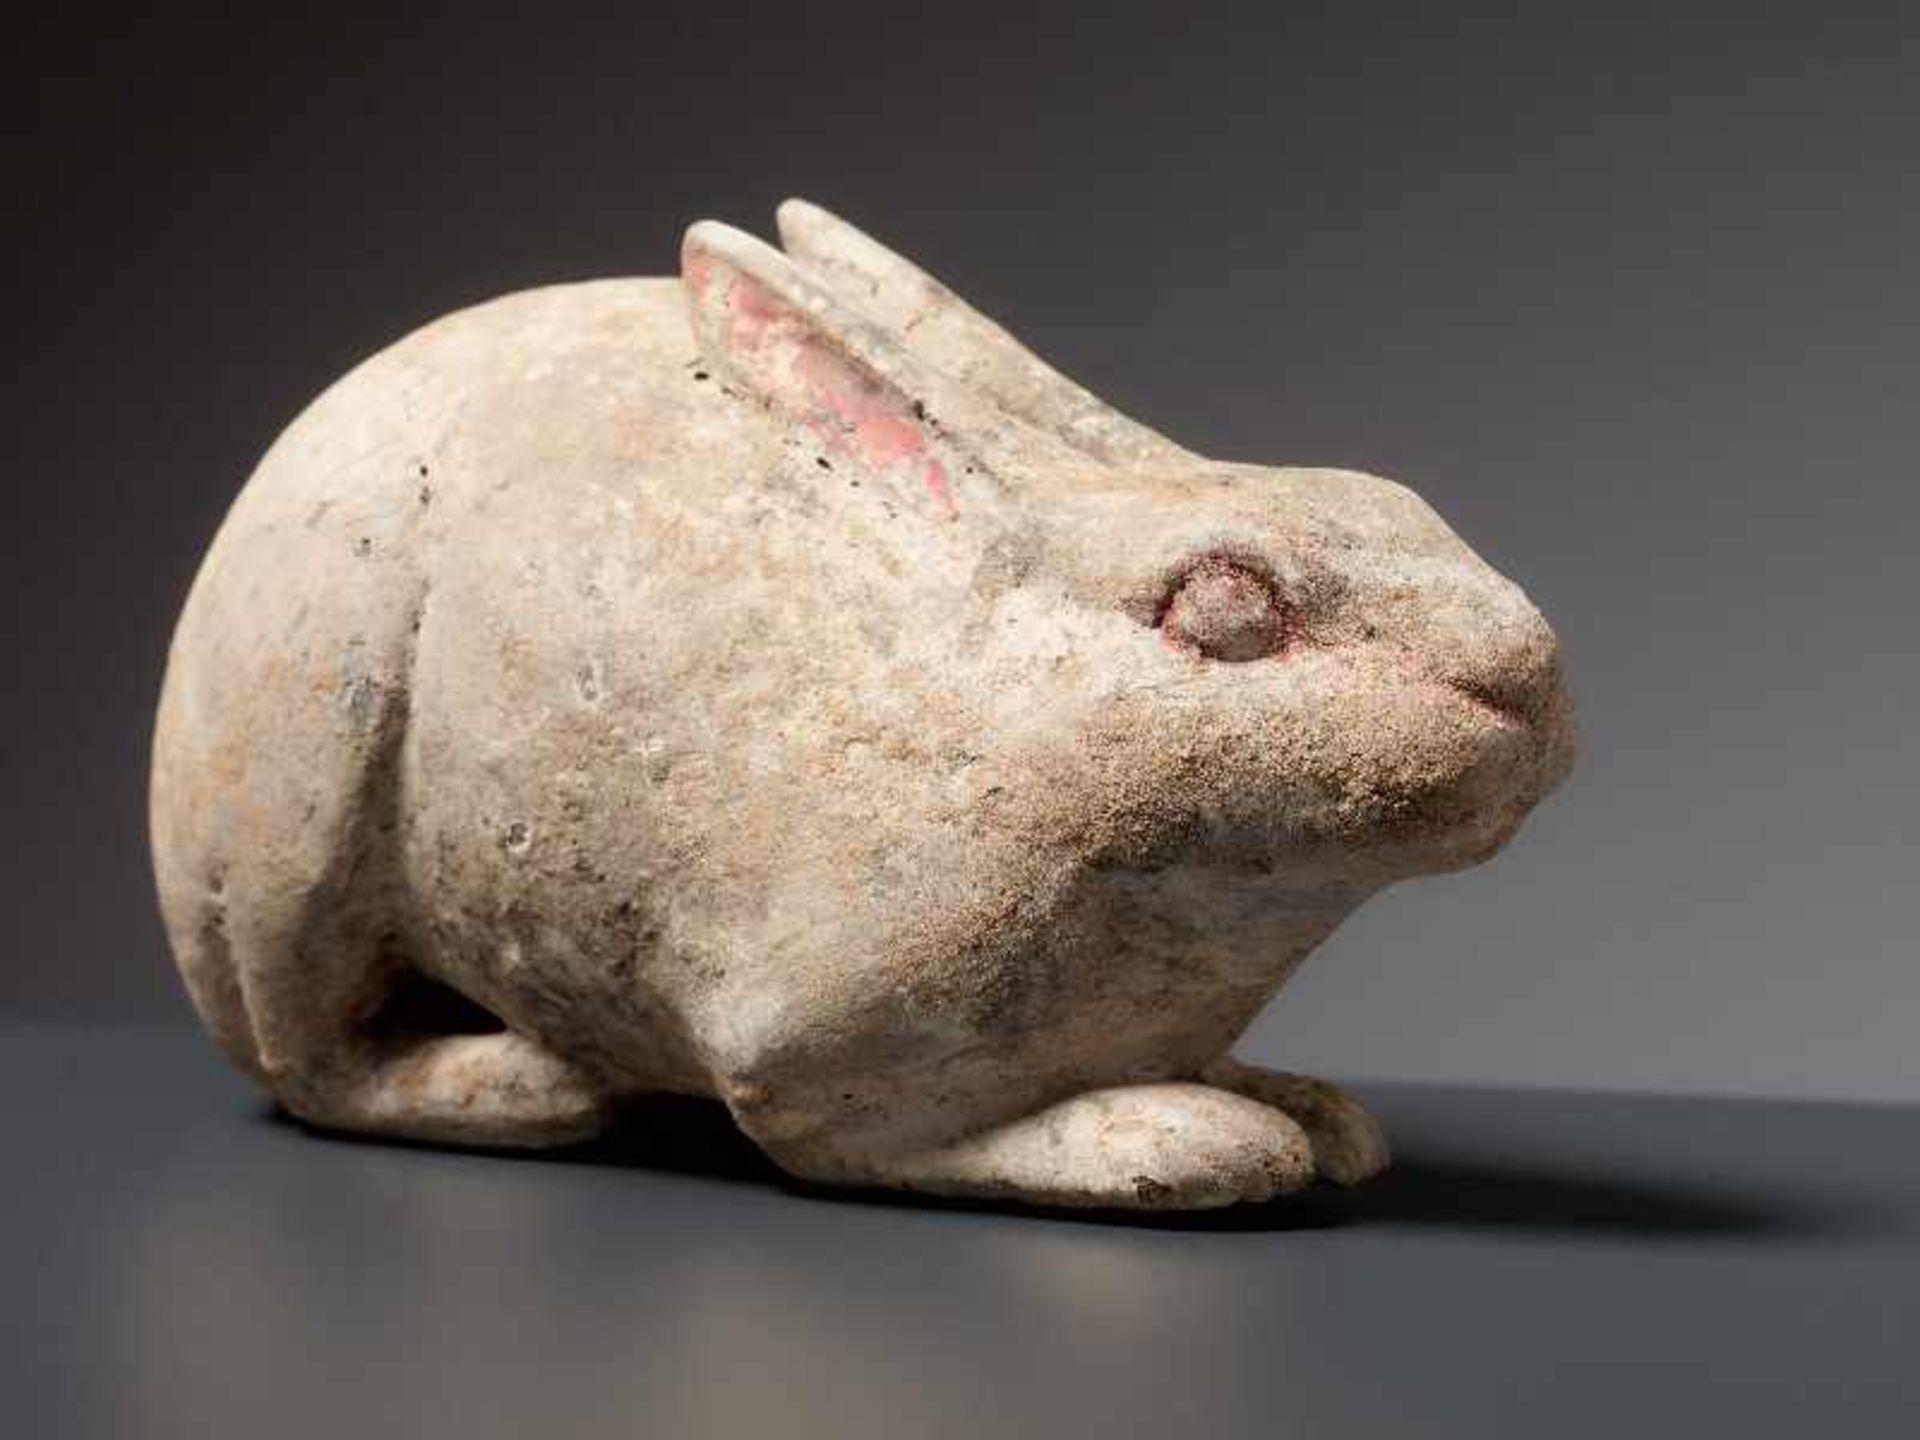 LIEGENDER HASE Terrakotta mit Bemalung. China, Tang (618 - 907) Kleine Terrakotta-Figurine, die